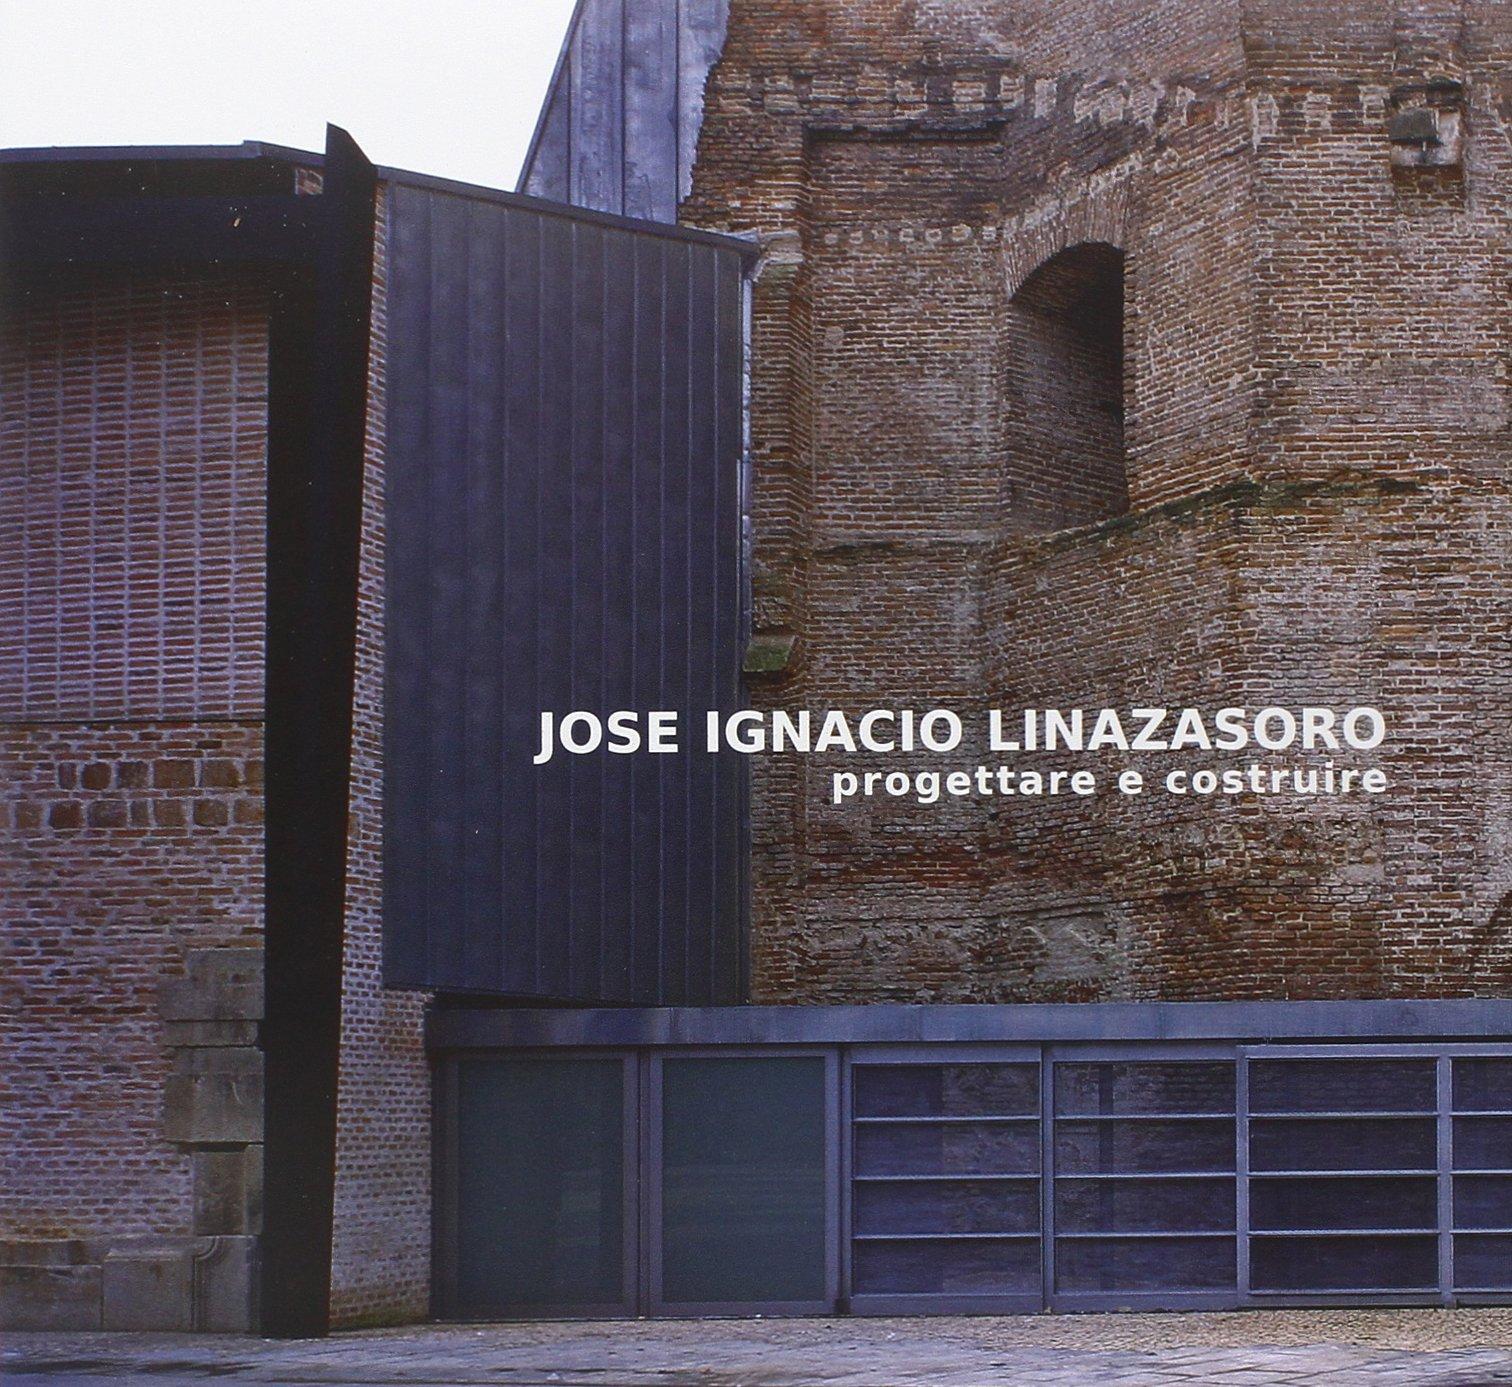 Jose Ignacio Linazasoro Progettare e costruire